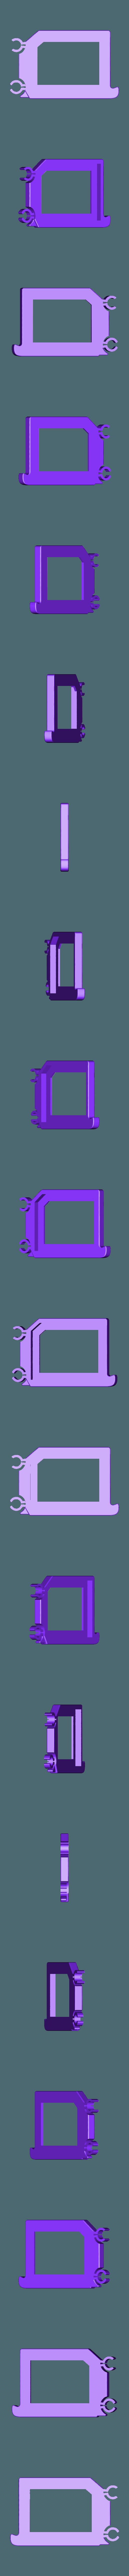 SD_UP.stl Télécharger fichier STL gratuit Support SD et micro SD 1-10 éléments • Plan pour impression 3D, WaterLemon